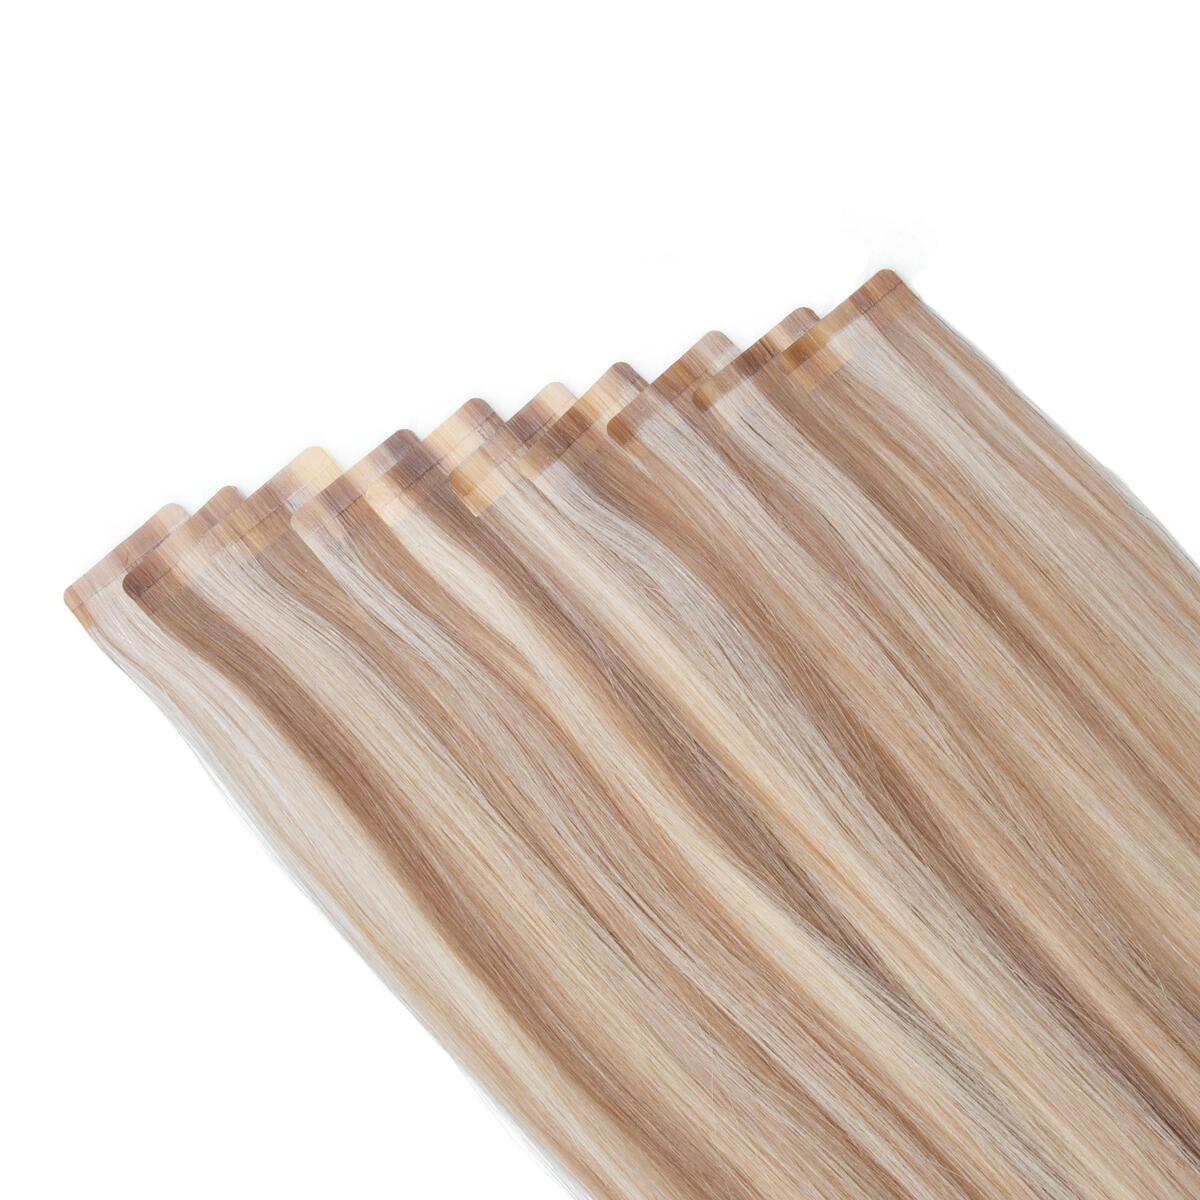 Sleek Tape Extension M7.3/10.8 Cendre Ash Blonde Mix 25 cm